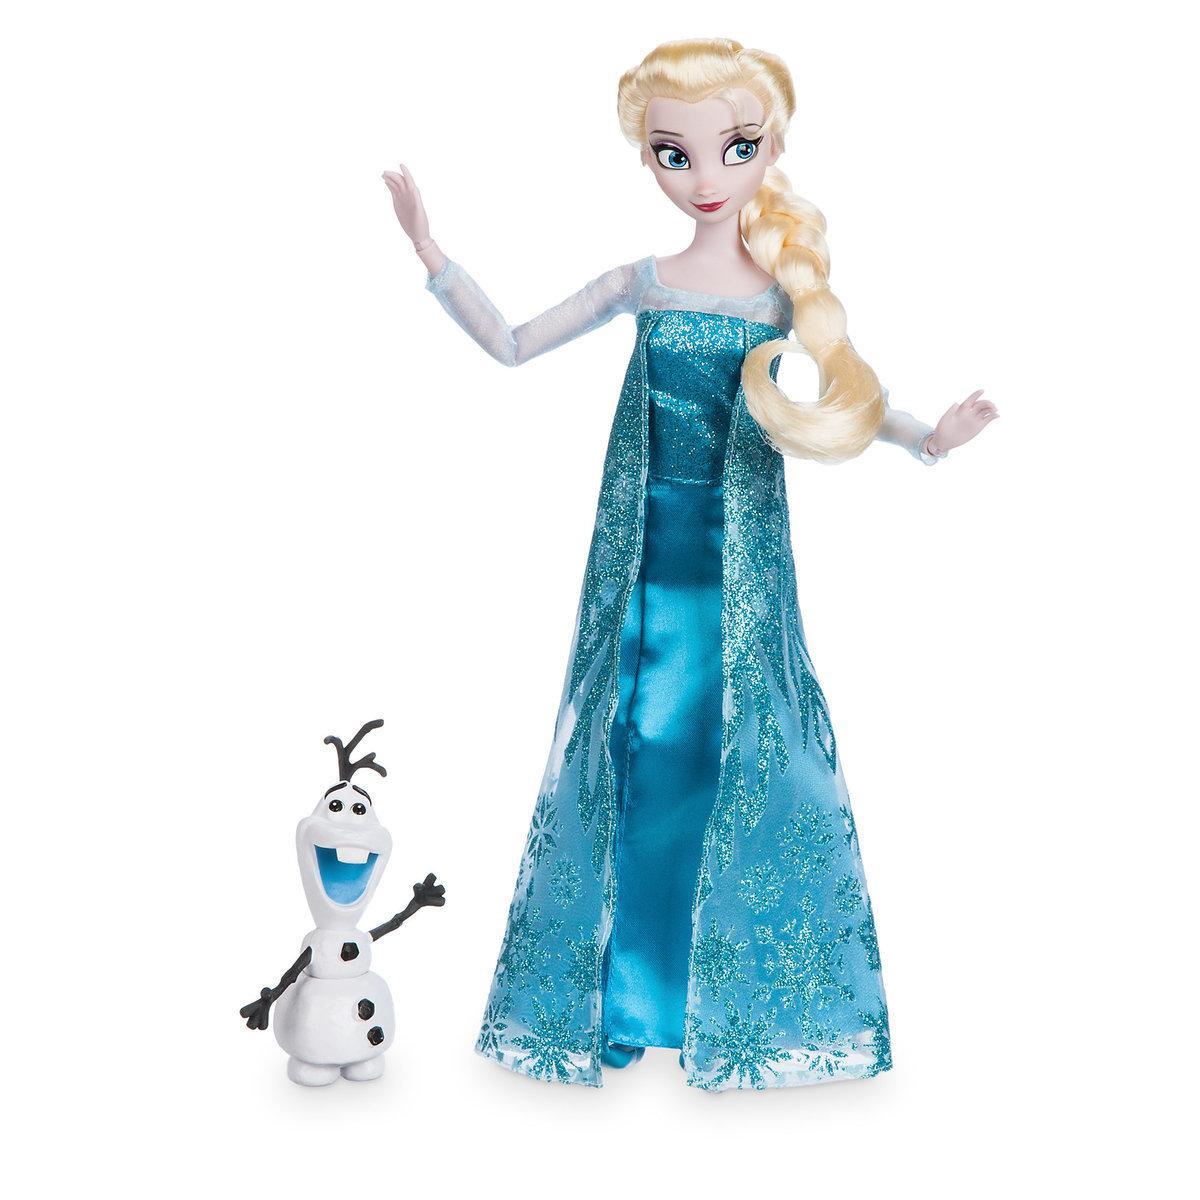 Эльза Холодное сердце классическая кукла принцесса ДИСНЕЙ / DISNEY